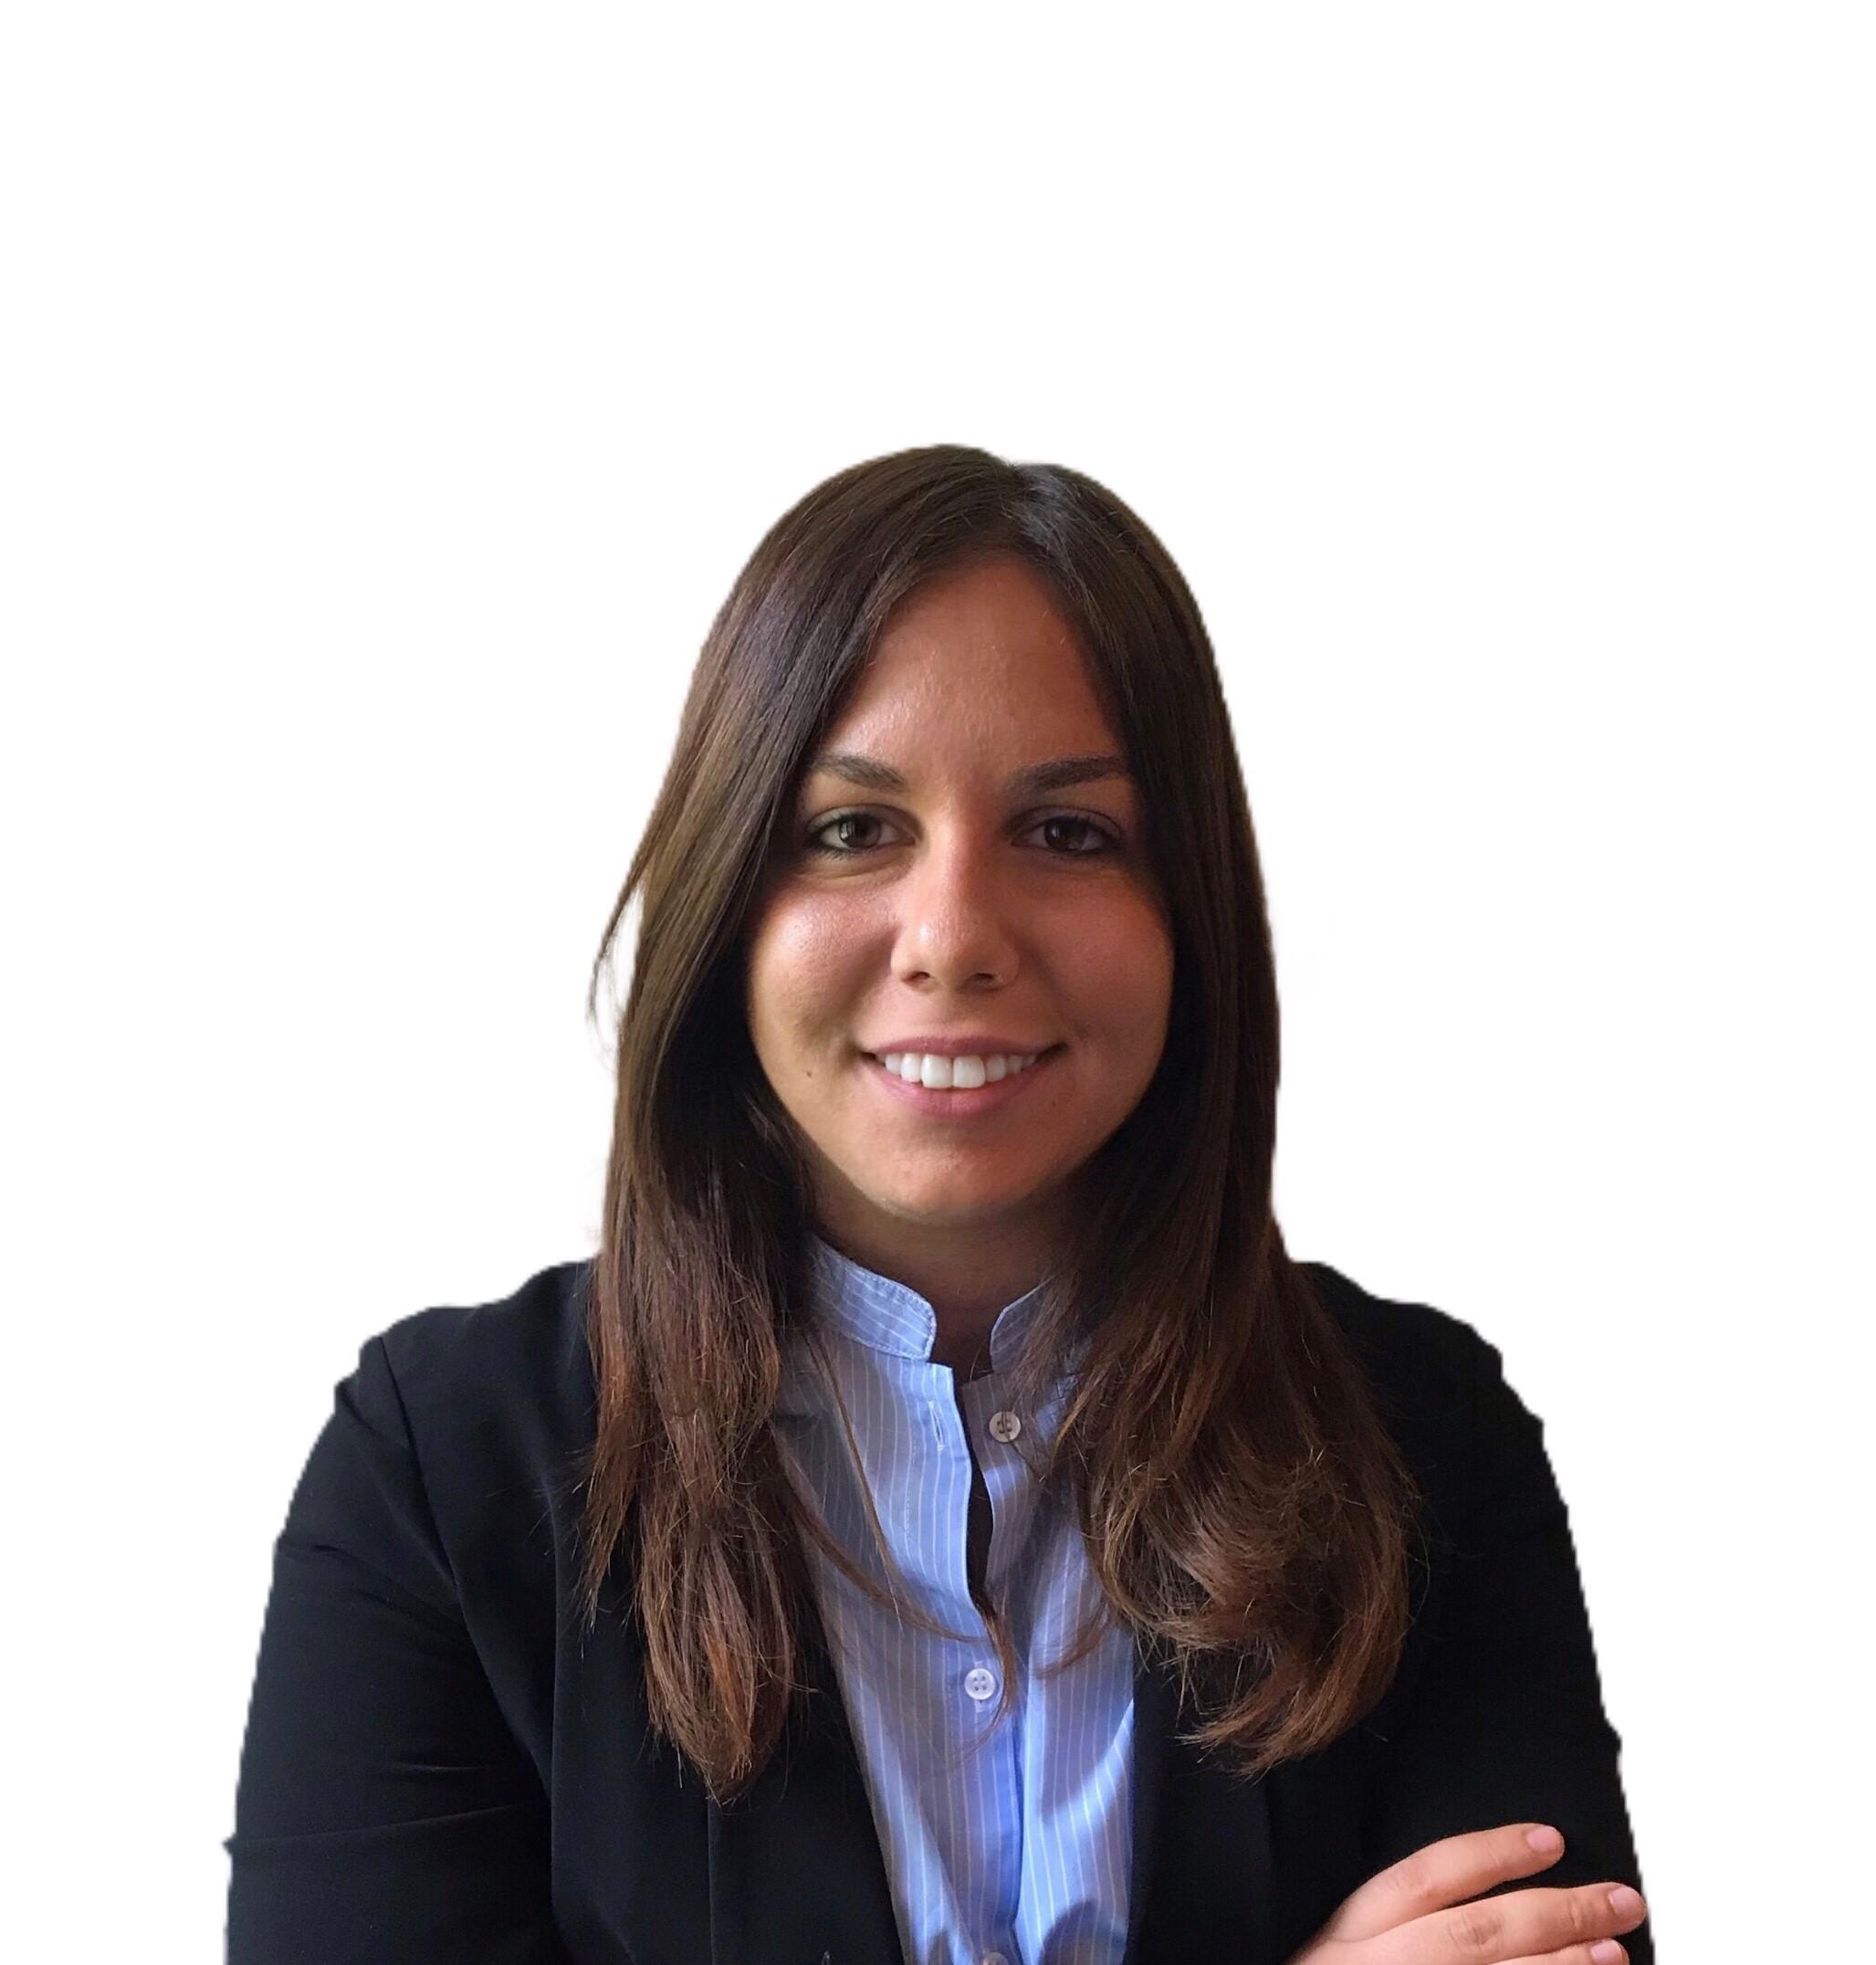 Anna Mezzanato